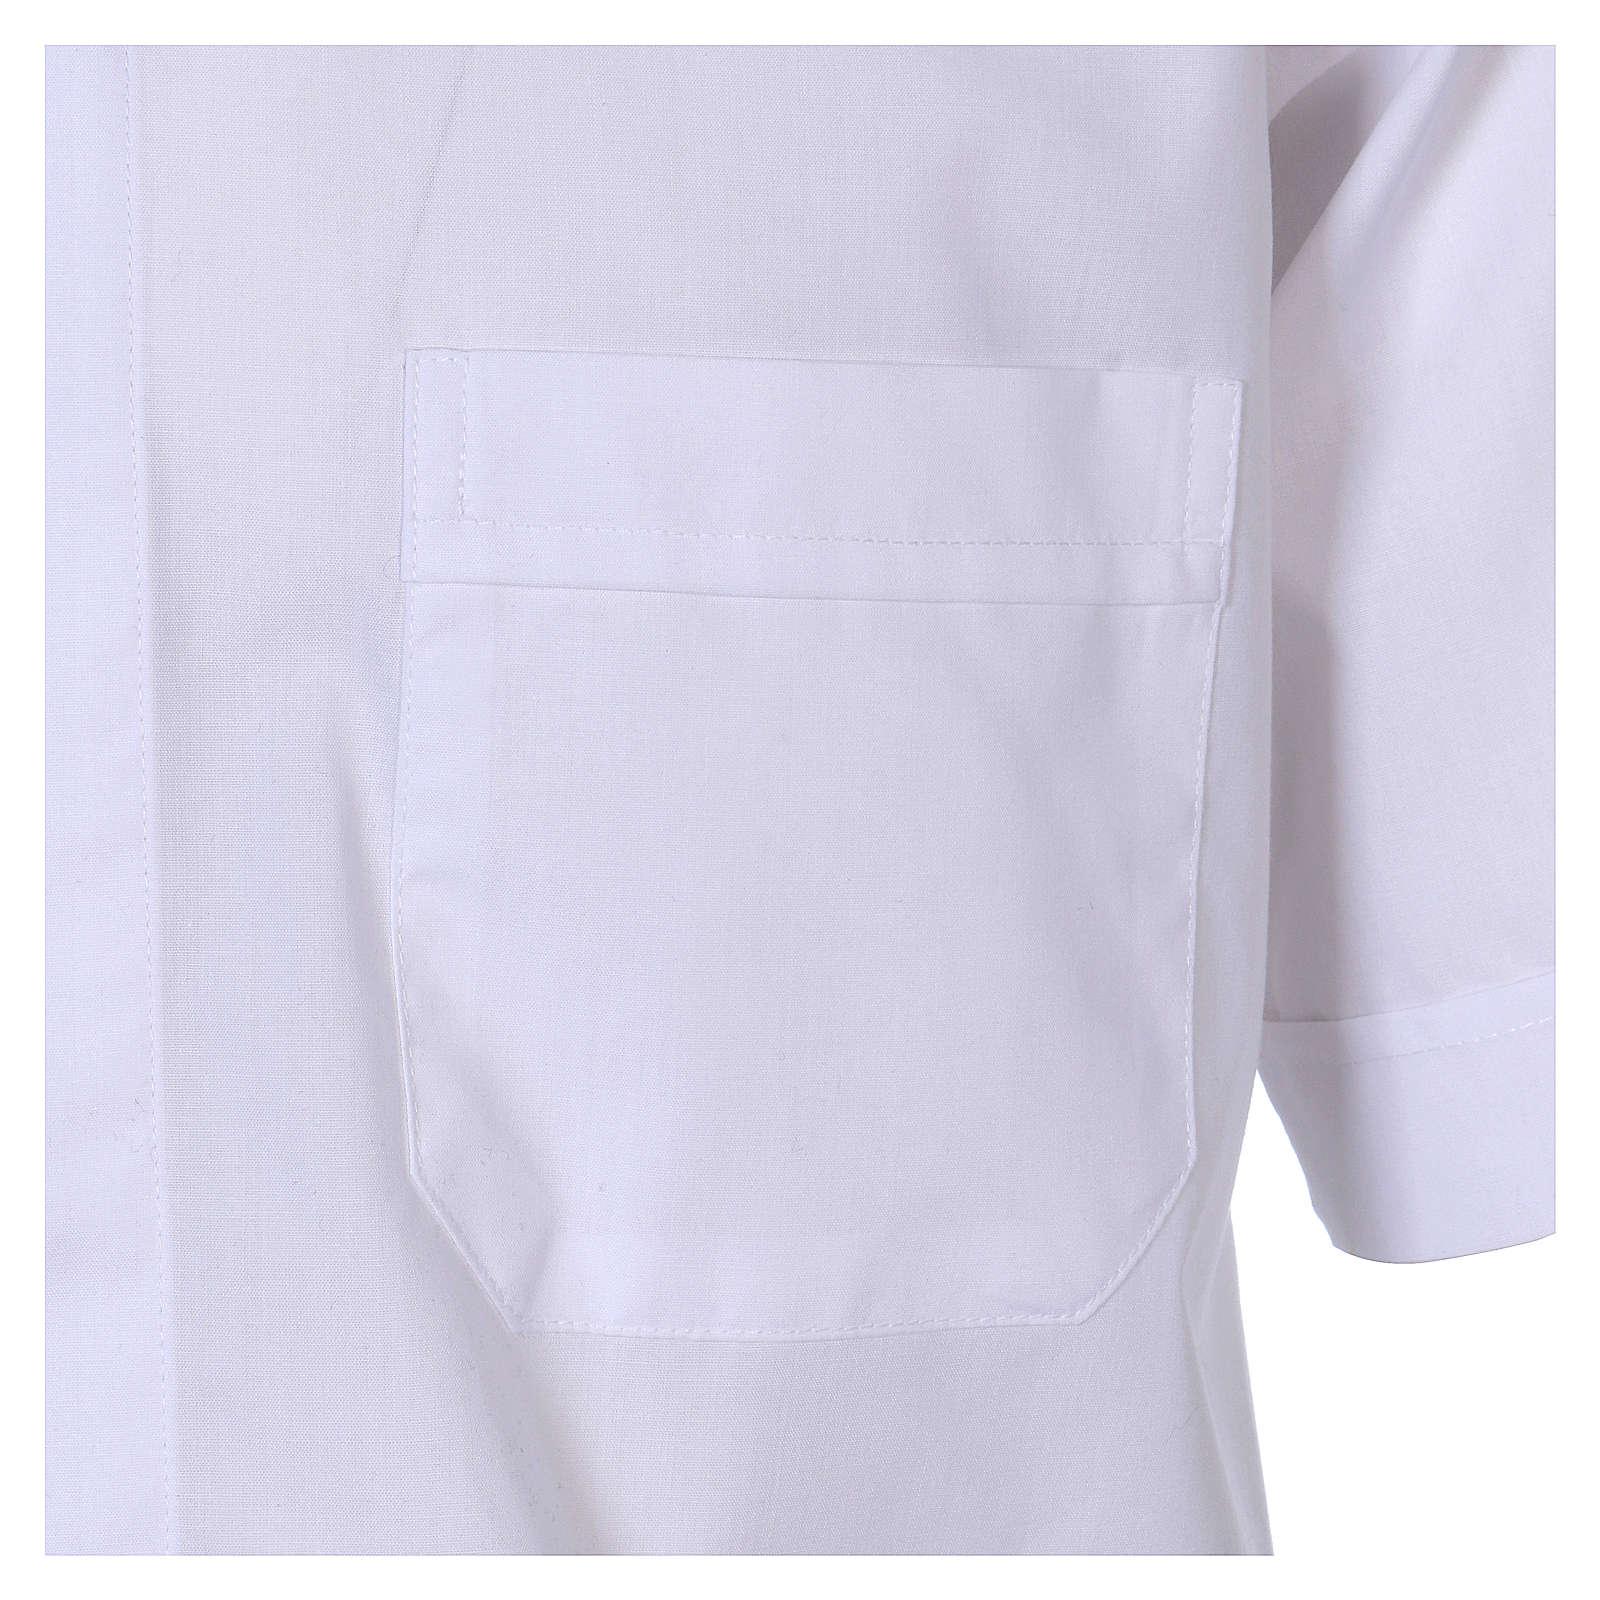 Camicia clergyman manica corta misto cotone bianca In Primis 4